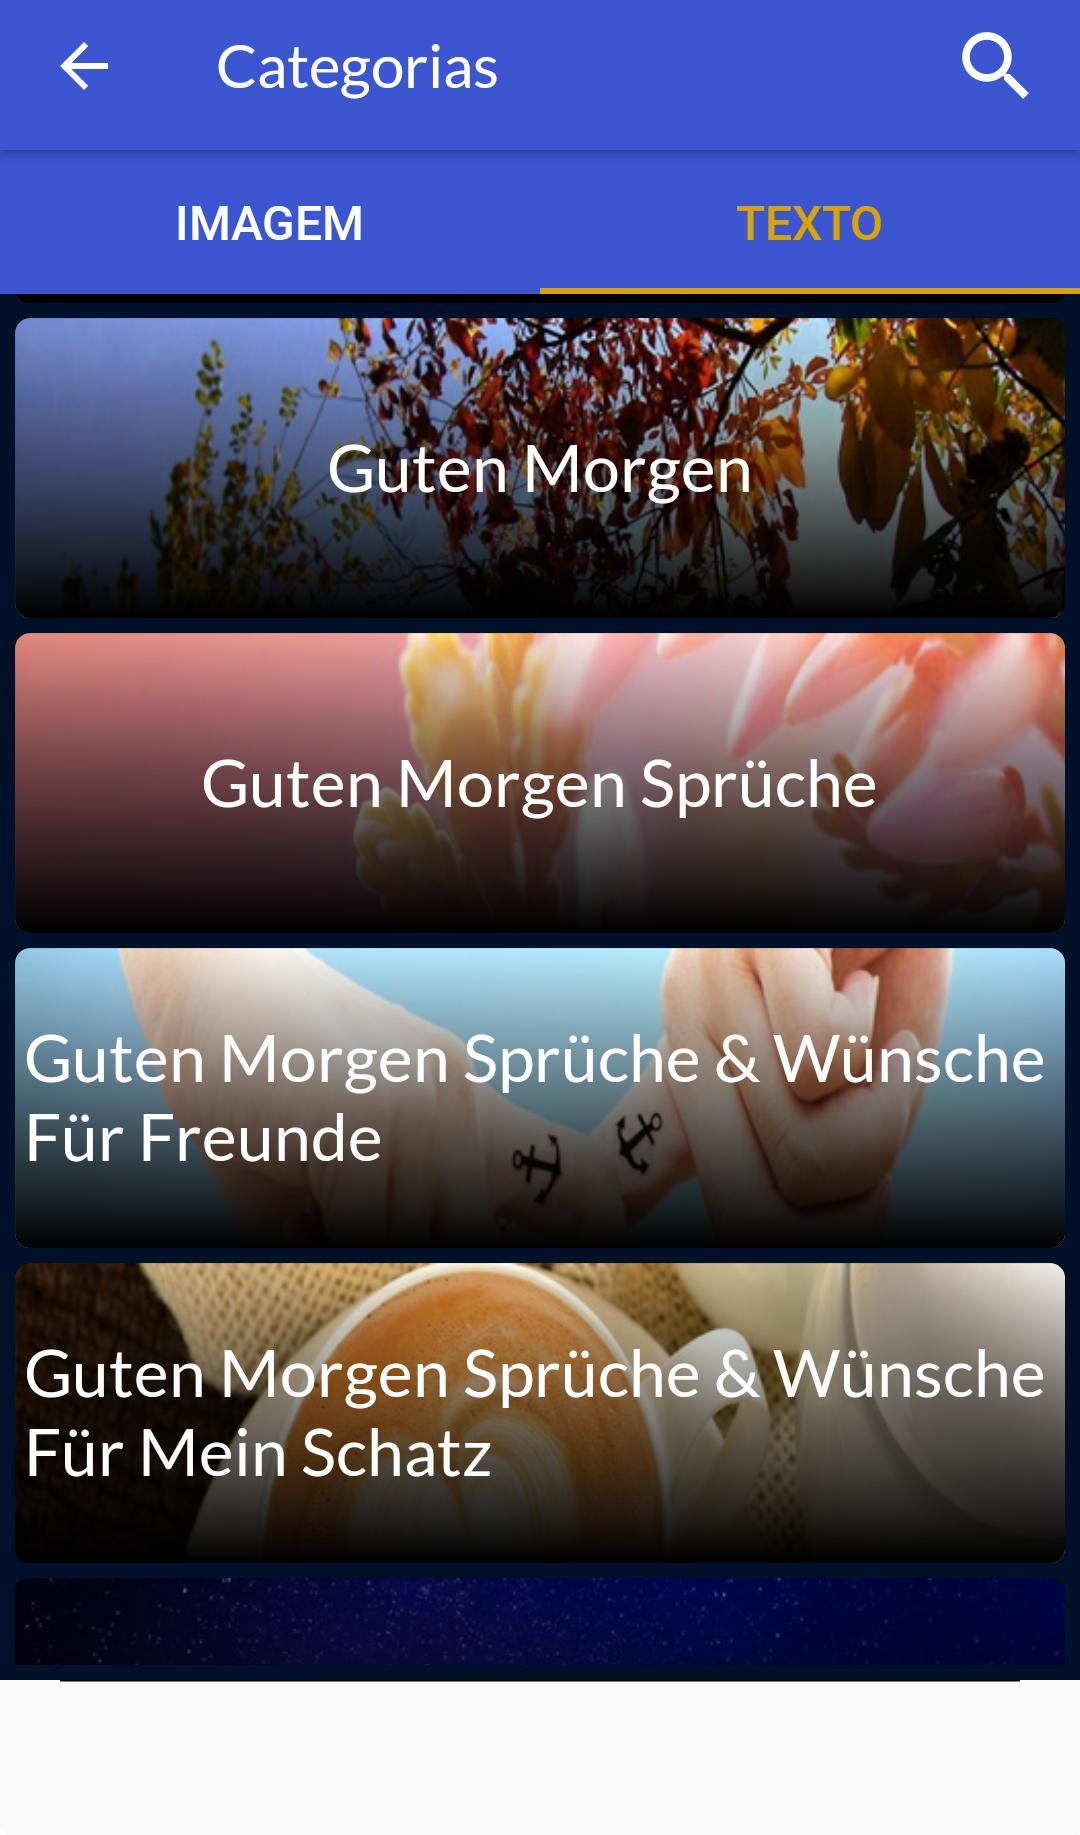 Wallpaper Und Sms Guten Morgen Nachmittag Nacht For Android